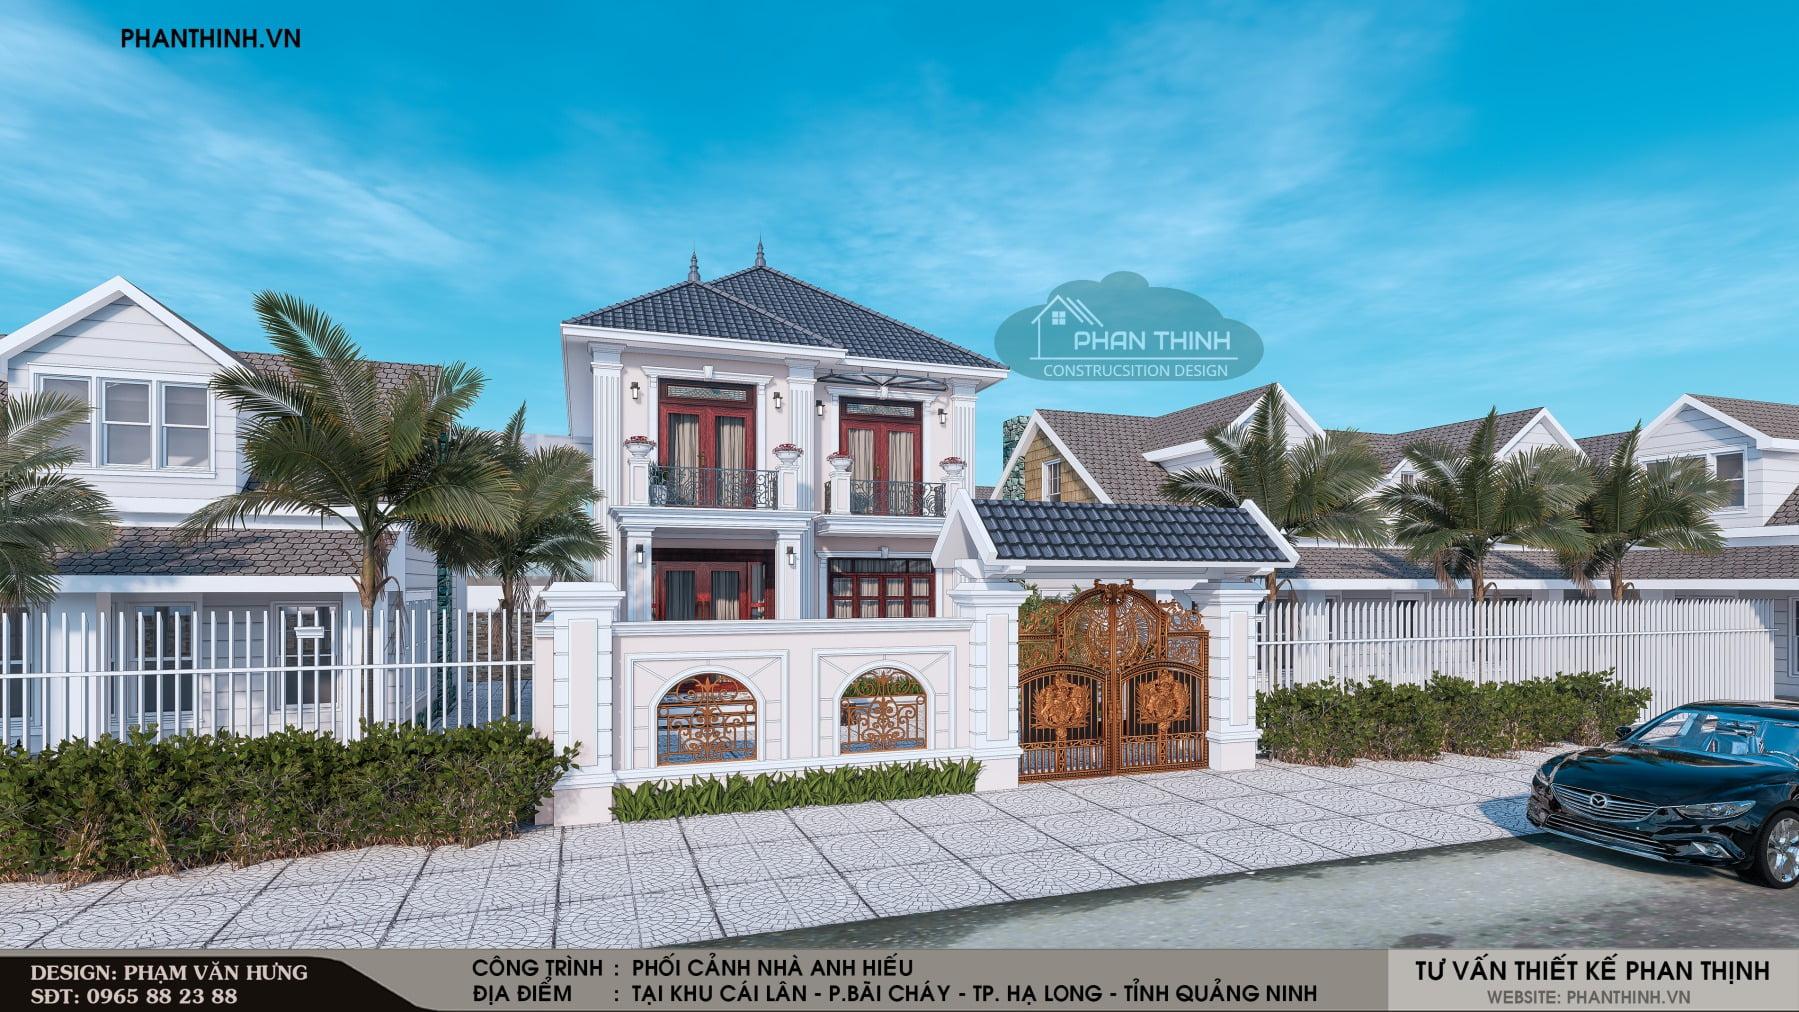 Hình ảnh thiết kế mặt tiền nhà biệt thự 2 tầng tân cổ điển tại Bãi Cháy - Quảng Ninh